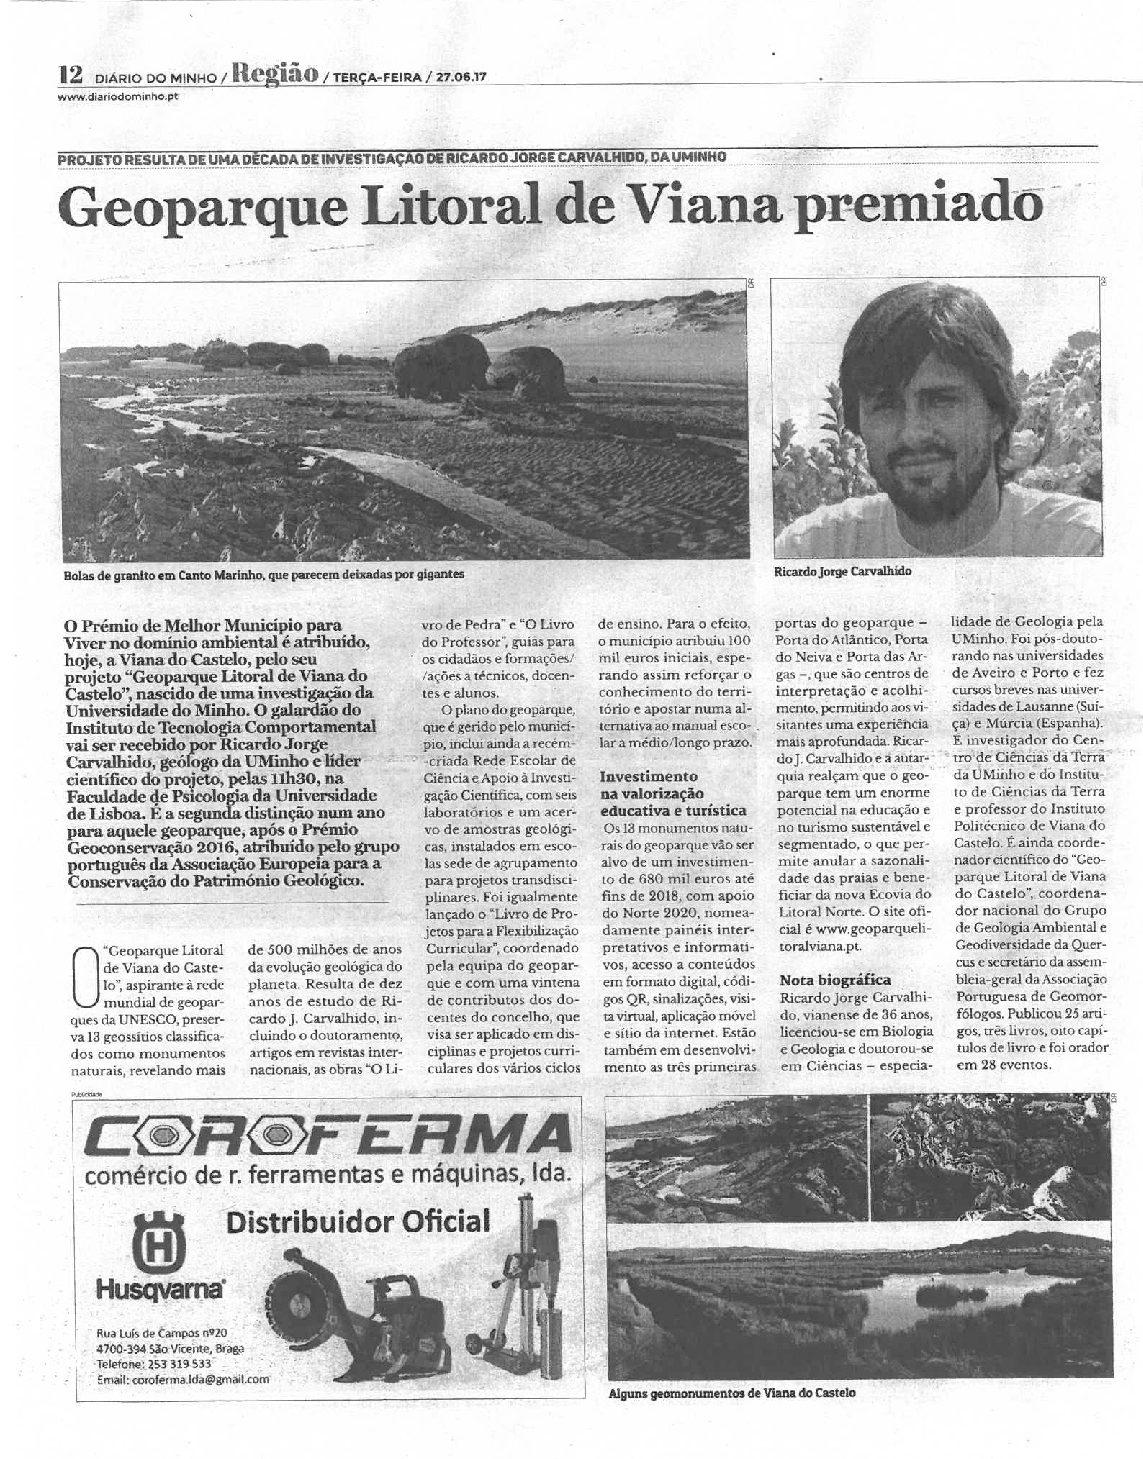 Geoparque Litoral de Viana premiado